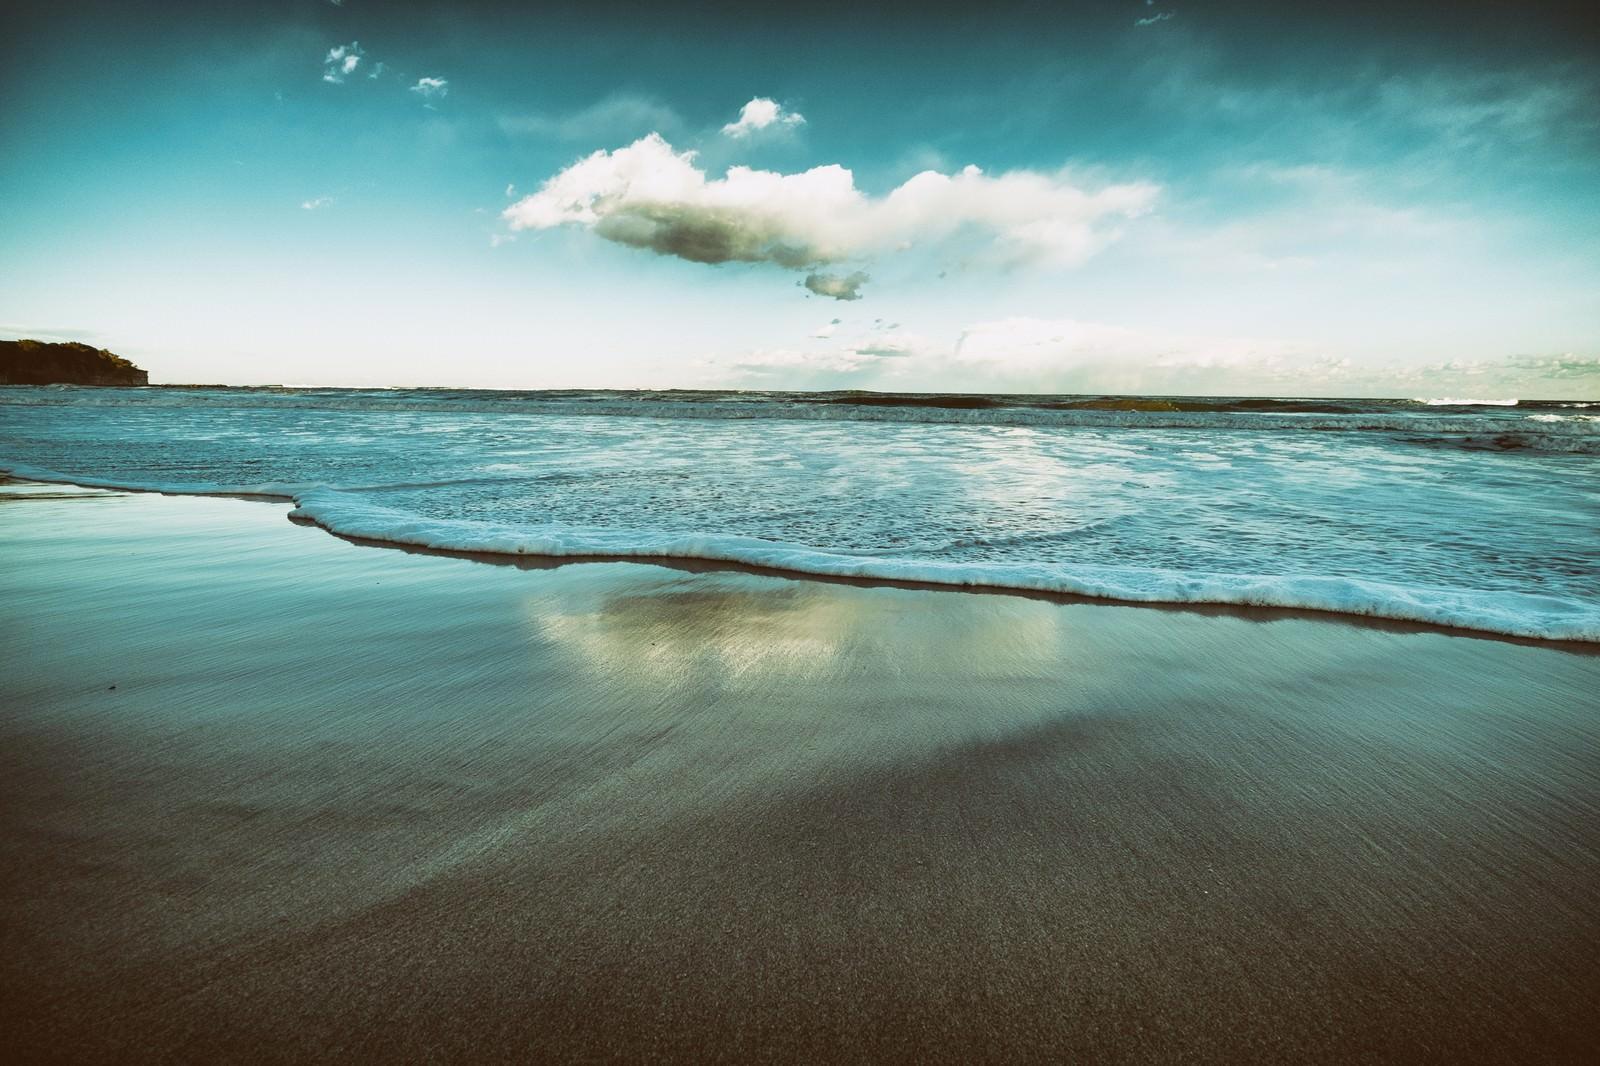 「ノスタルジックな海」の写真